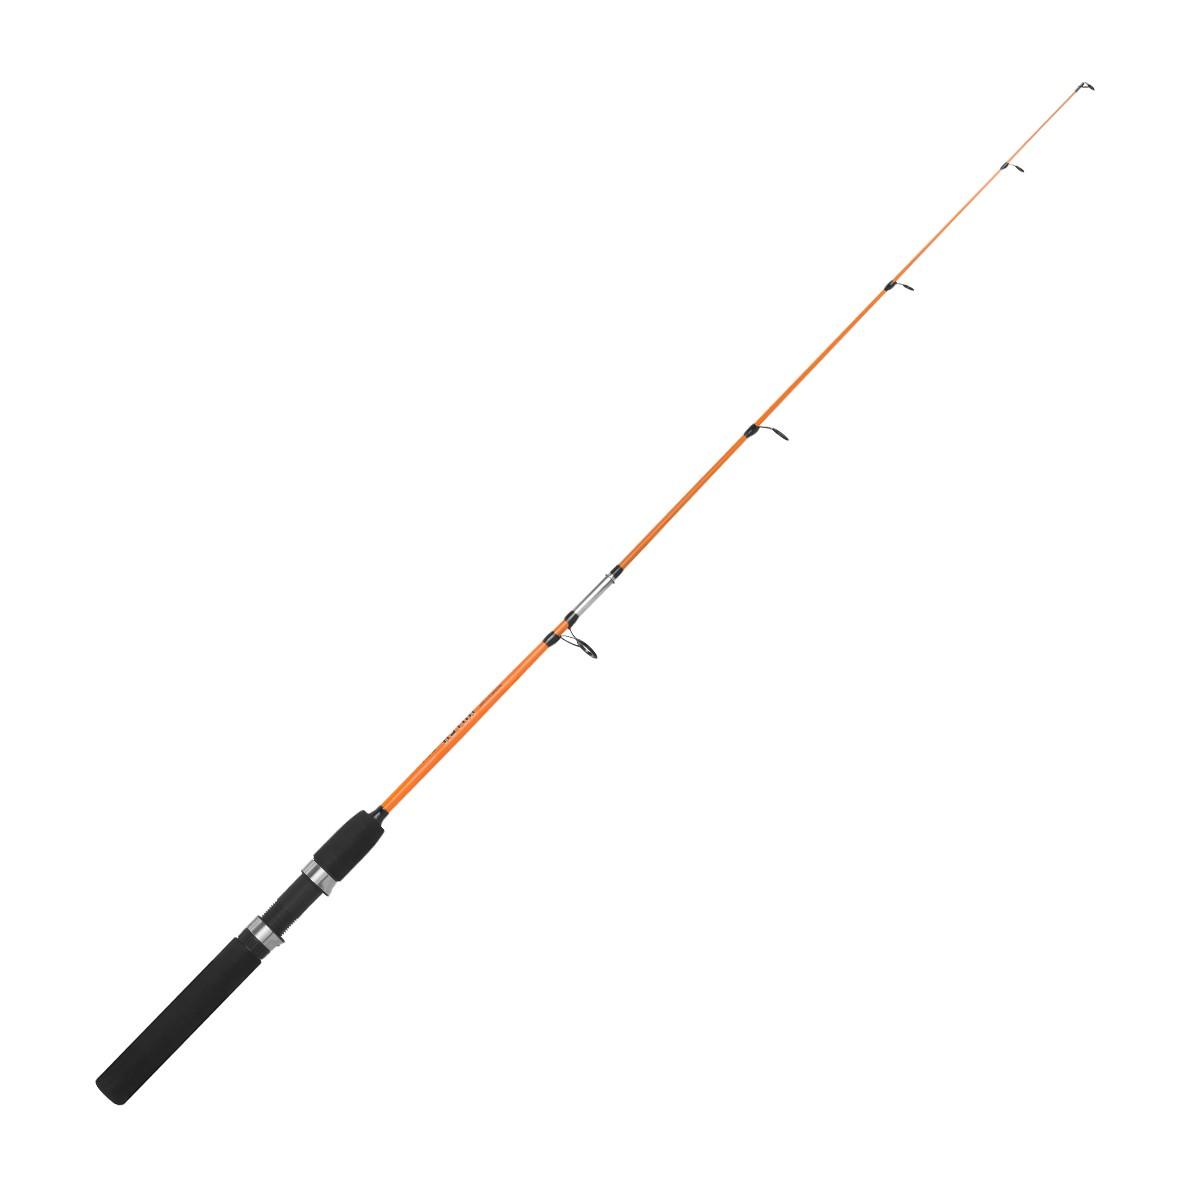 Vara Saint Astra p/ Molinete 1,50 m 17 lbs (Inteiriça)  - Pró Pesca Shop